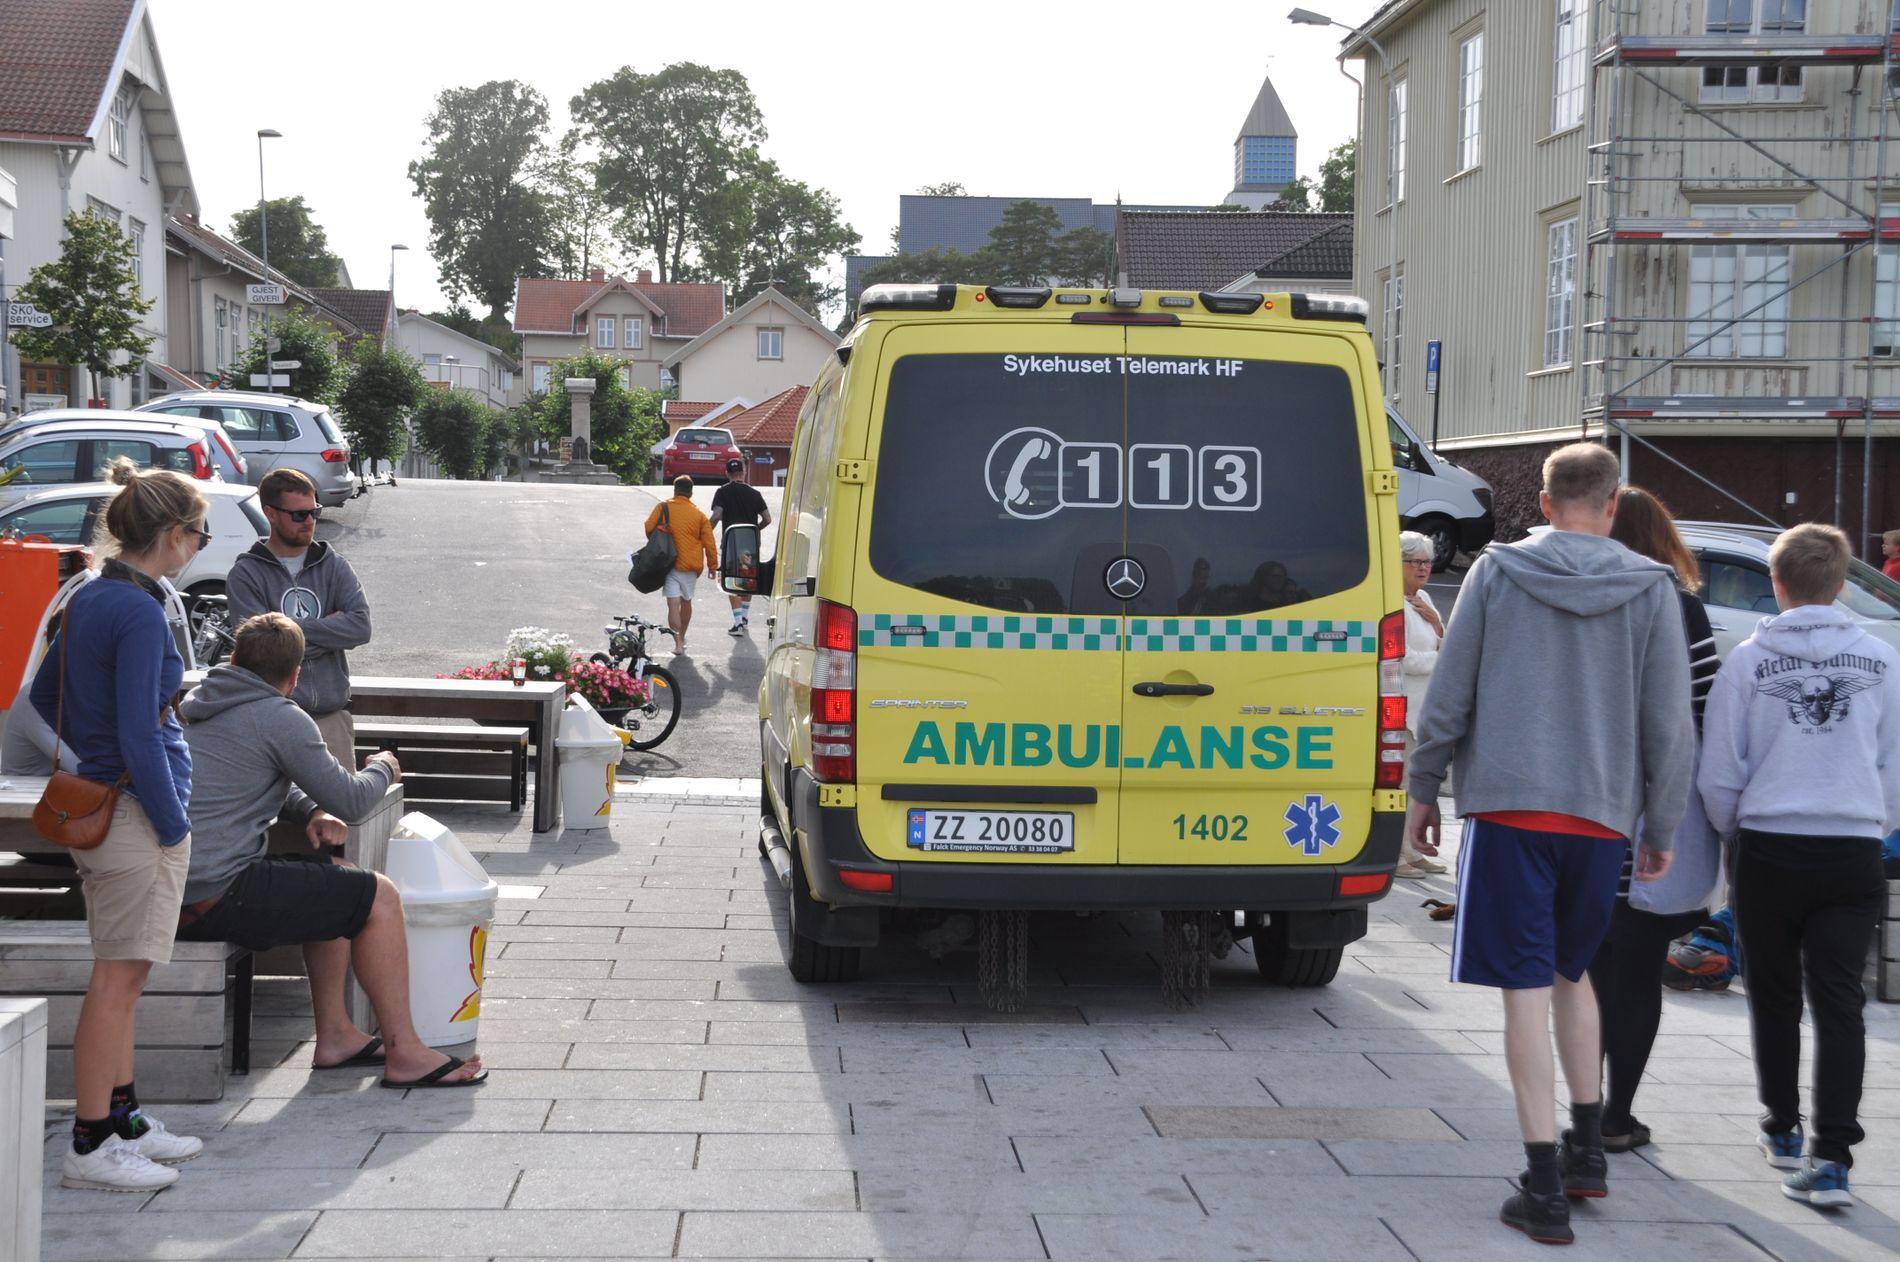 FRAKTET HJEM: Etter å ha blitt undersøkt av ambulansepersonell, ble Hasse Hope fraktet tilbake til hotellet han bodde på. Dagen etter var han tilbake på TV-opptakene.